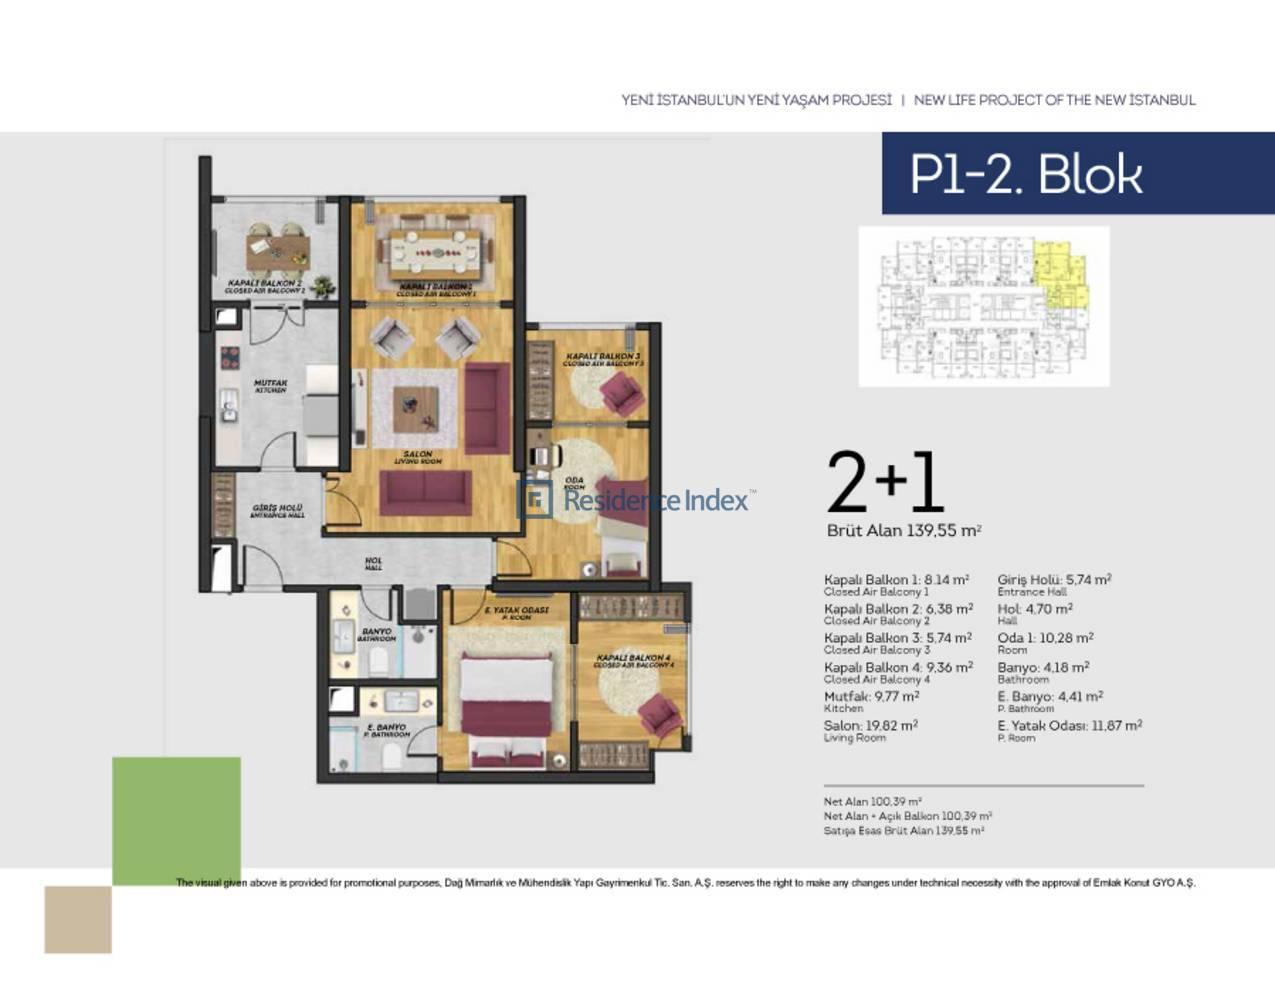 Tual Bahçekent P1-2 Blok